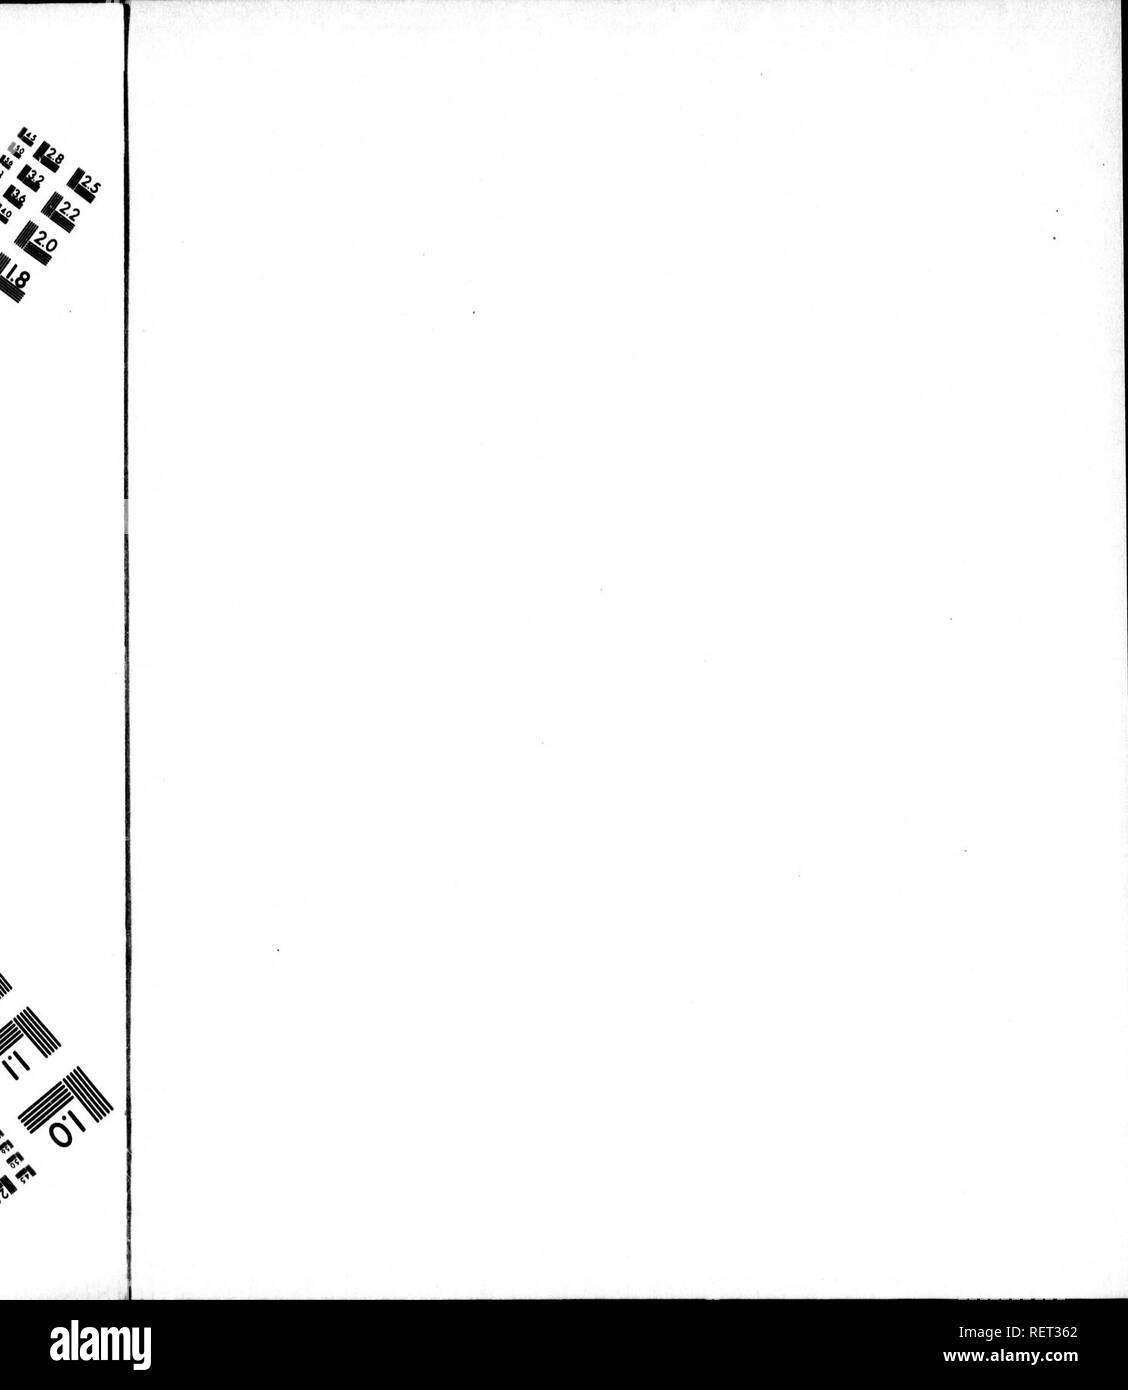 . Histoire naturelle, générale et particulière [microforme] : servant de suite à la théorie de la terre, & d'introduction à l'histoire des miné raux. Sciences naturelles; Natural history. . Please note that these images are extracted from scanned page images that may have been digitally enhanced for readability - coloration and appearance of these illustrations may not perfectly resemble the original work.. Buffon, Georges Louis Leclerc, comte de, 1707-1788. A Paris : De l'Imprimerie royale - Stock Image